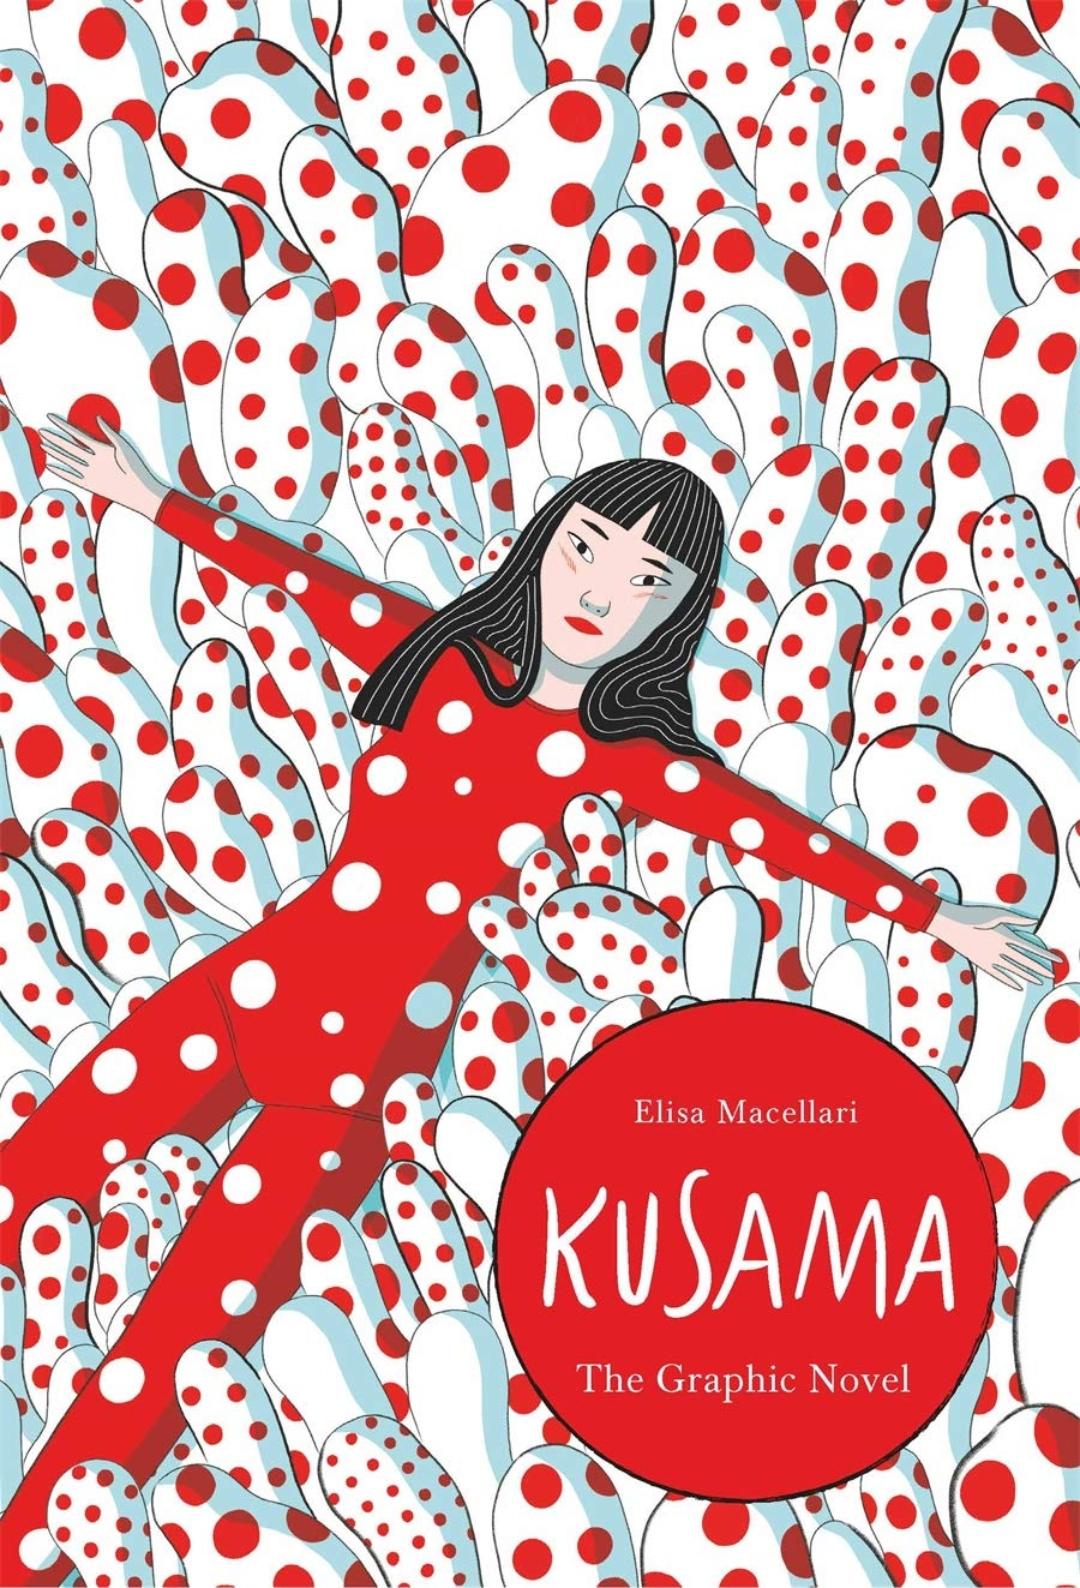 La artista Yayoi Kusama es la protagonista de una nueva novela gráfica basada en su vida